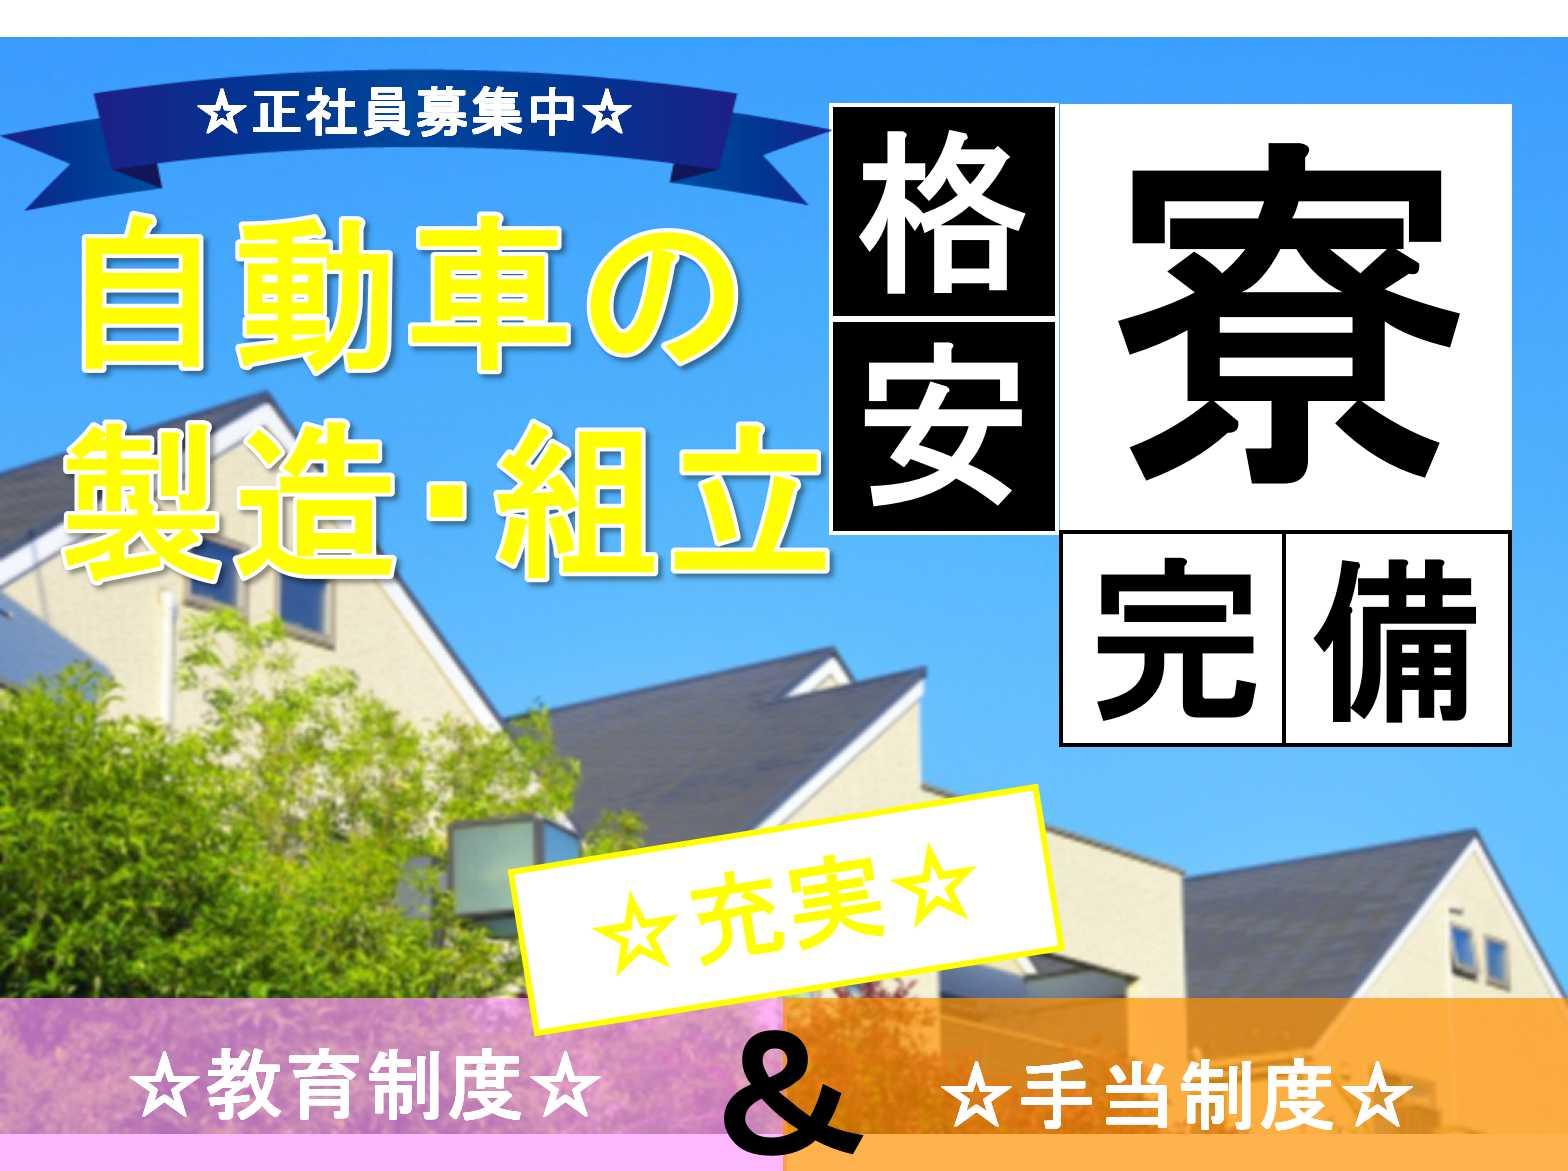 【正社員】手当制度充実◆社員寮入居可能◆自動車の製造・組立◆ イメージ